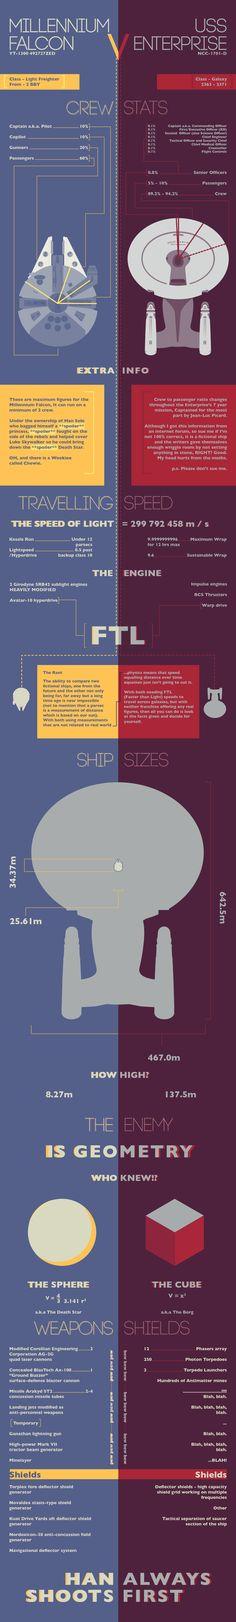 Millenium Falcon vs. USS Enterprise